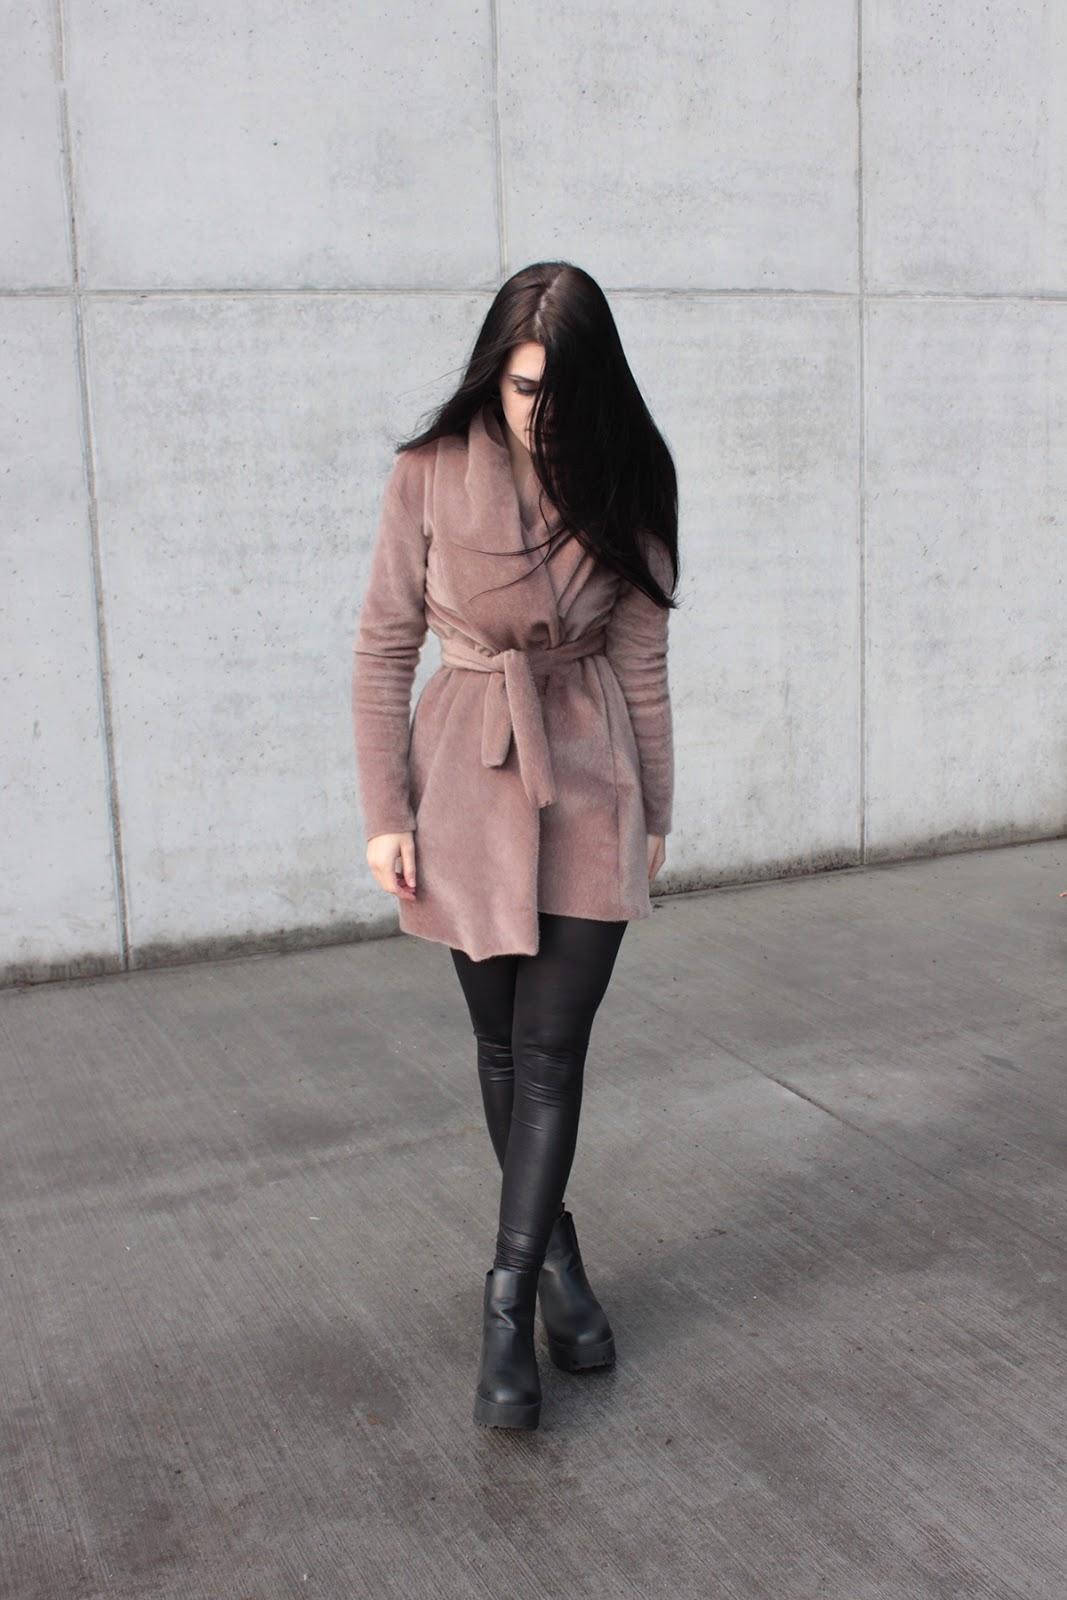 beżowy płaszcz l szycie l elegancja l wiosenny look l stylizacja